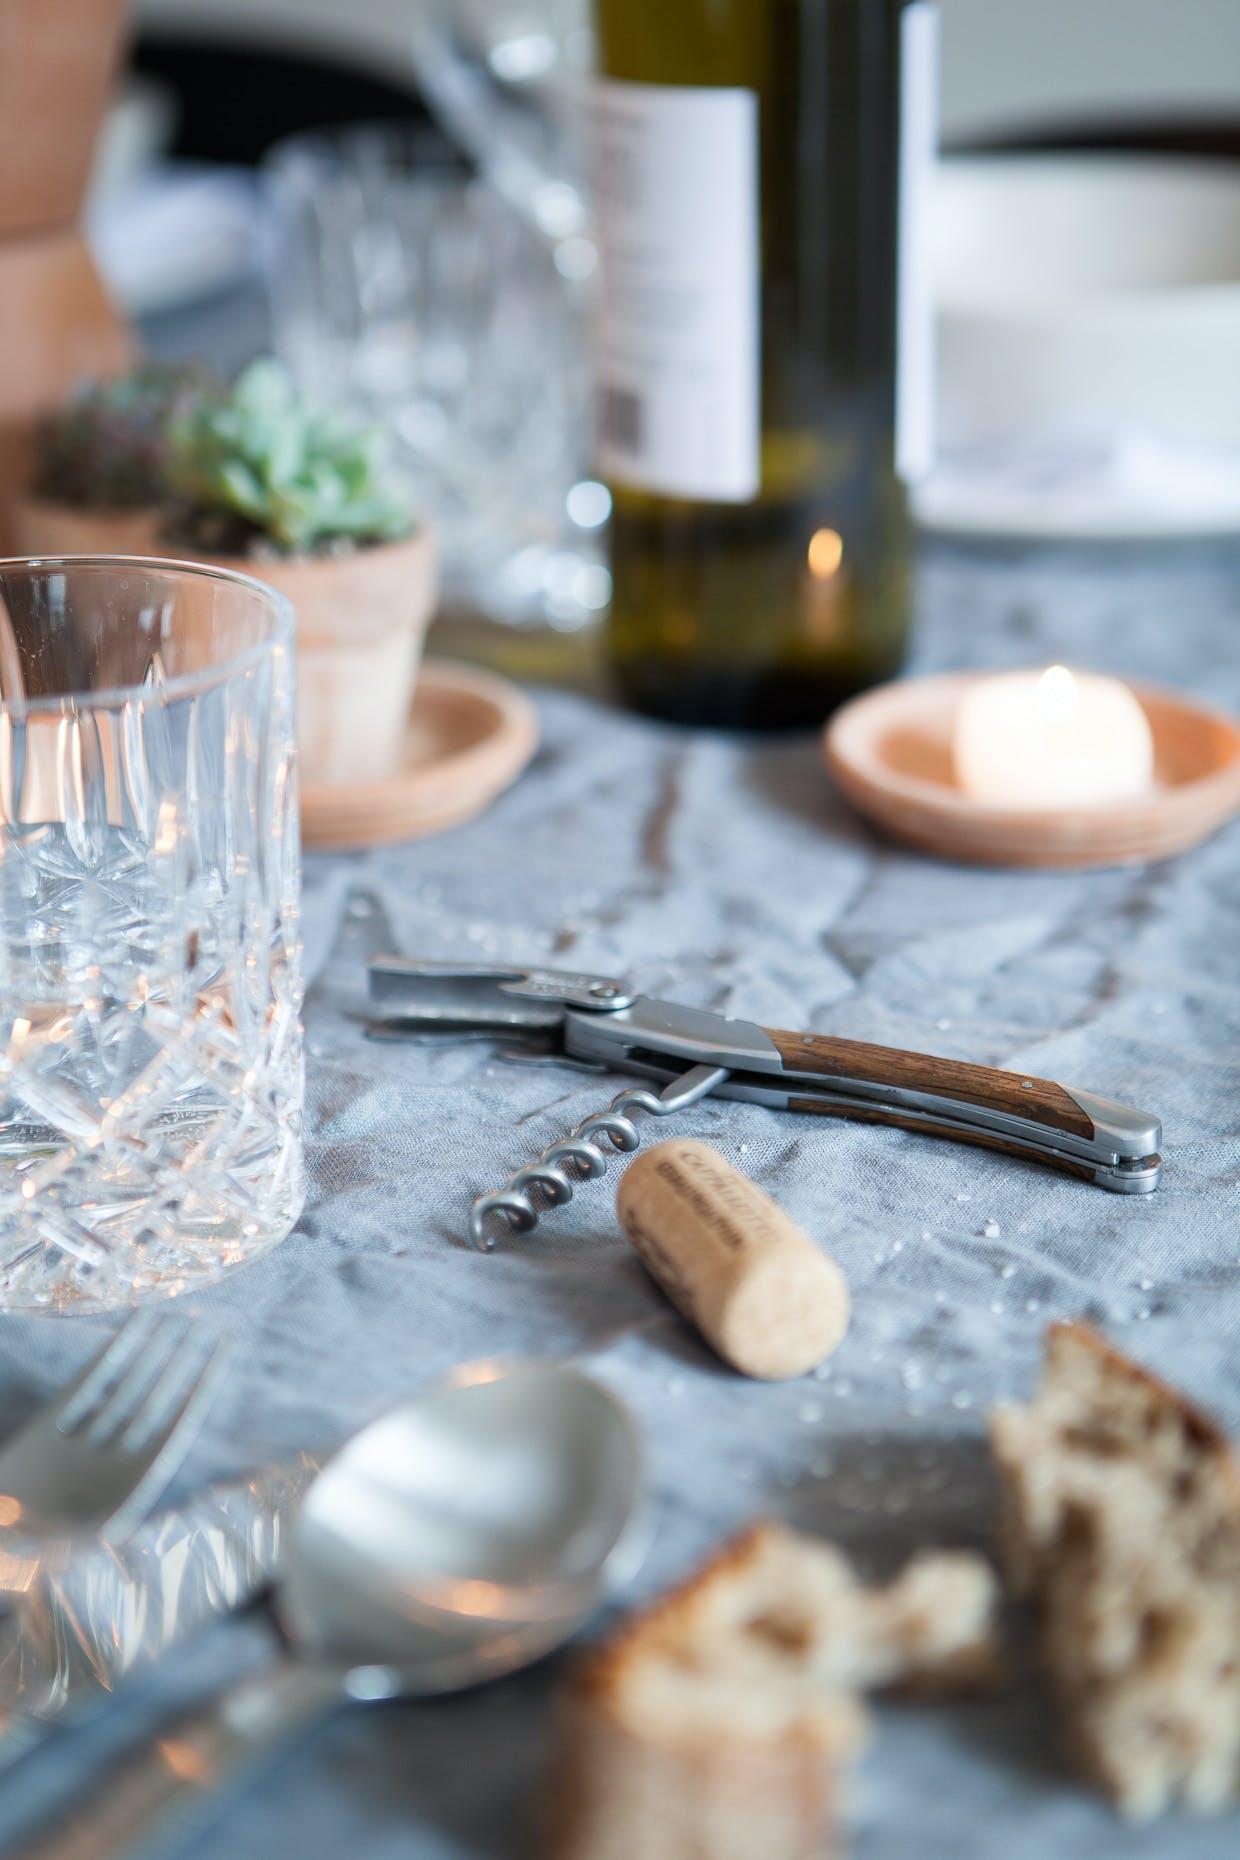 Dæk dit middagsbord med en krøllet hørdug